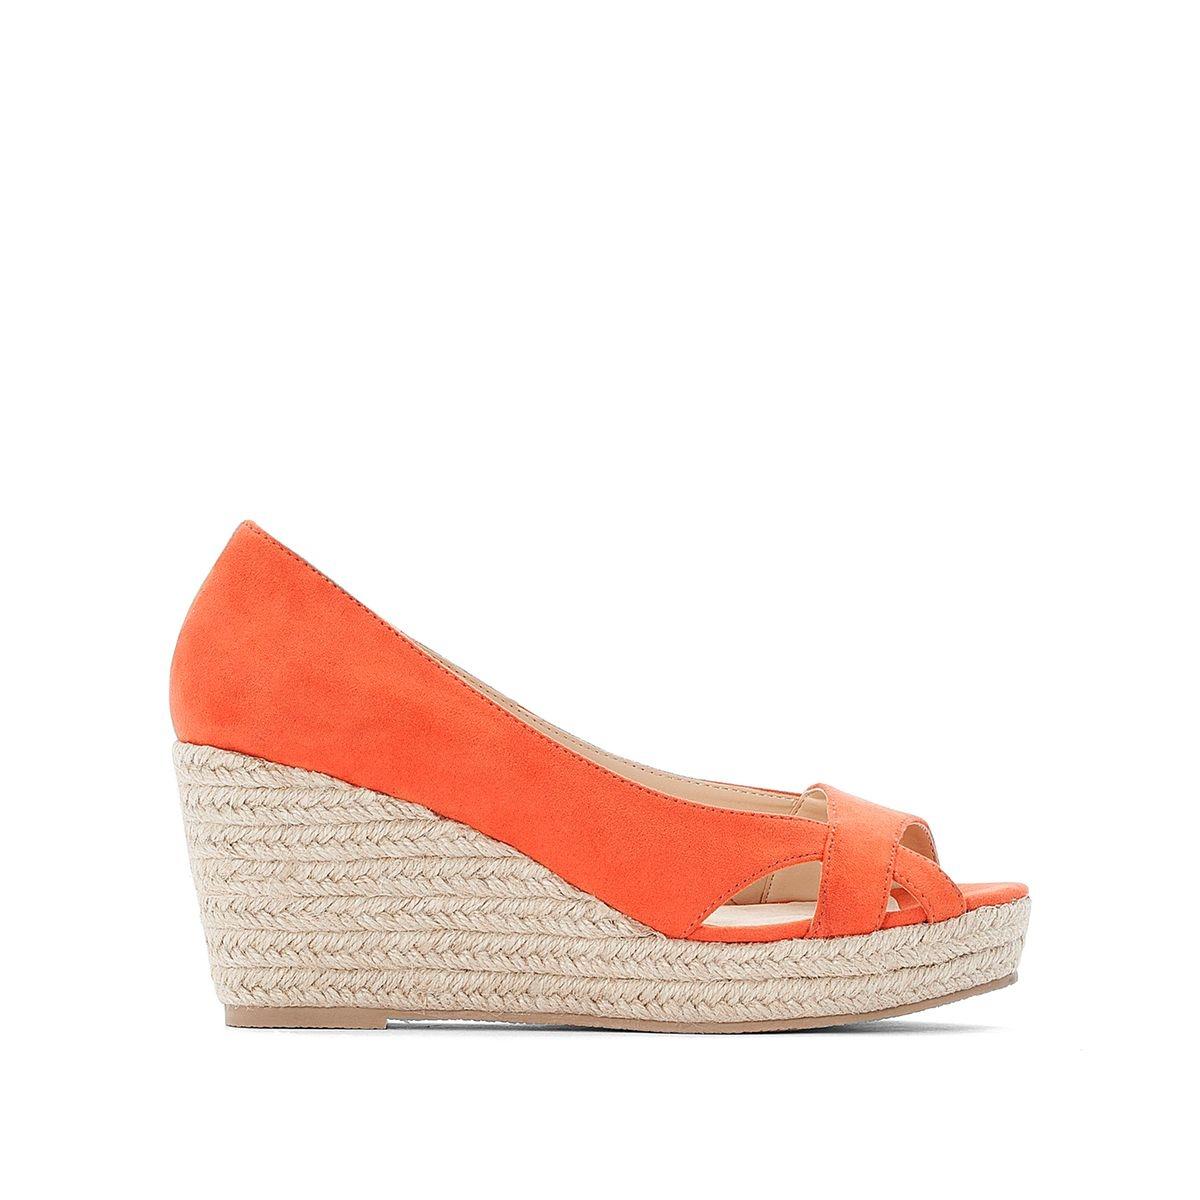 Sandales compensés, pied large 38-45